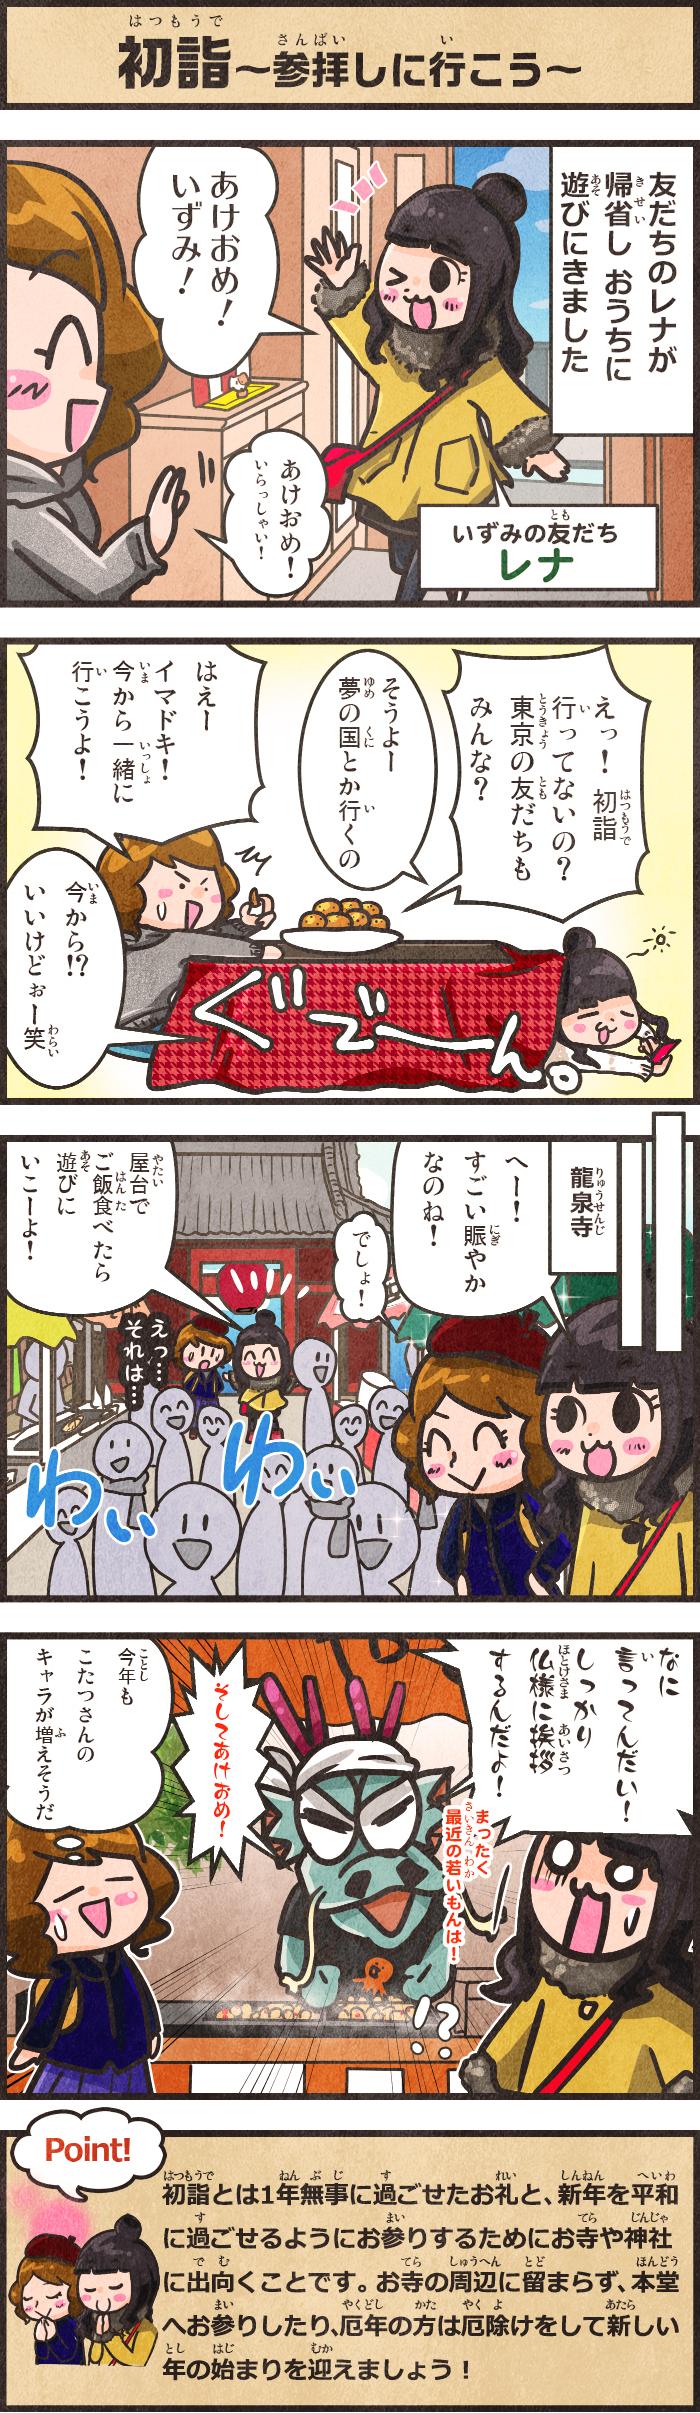 171221_kotatsu_4koma_25